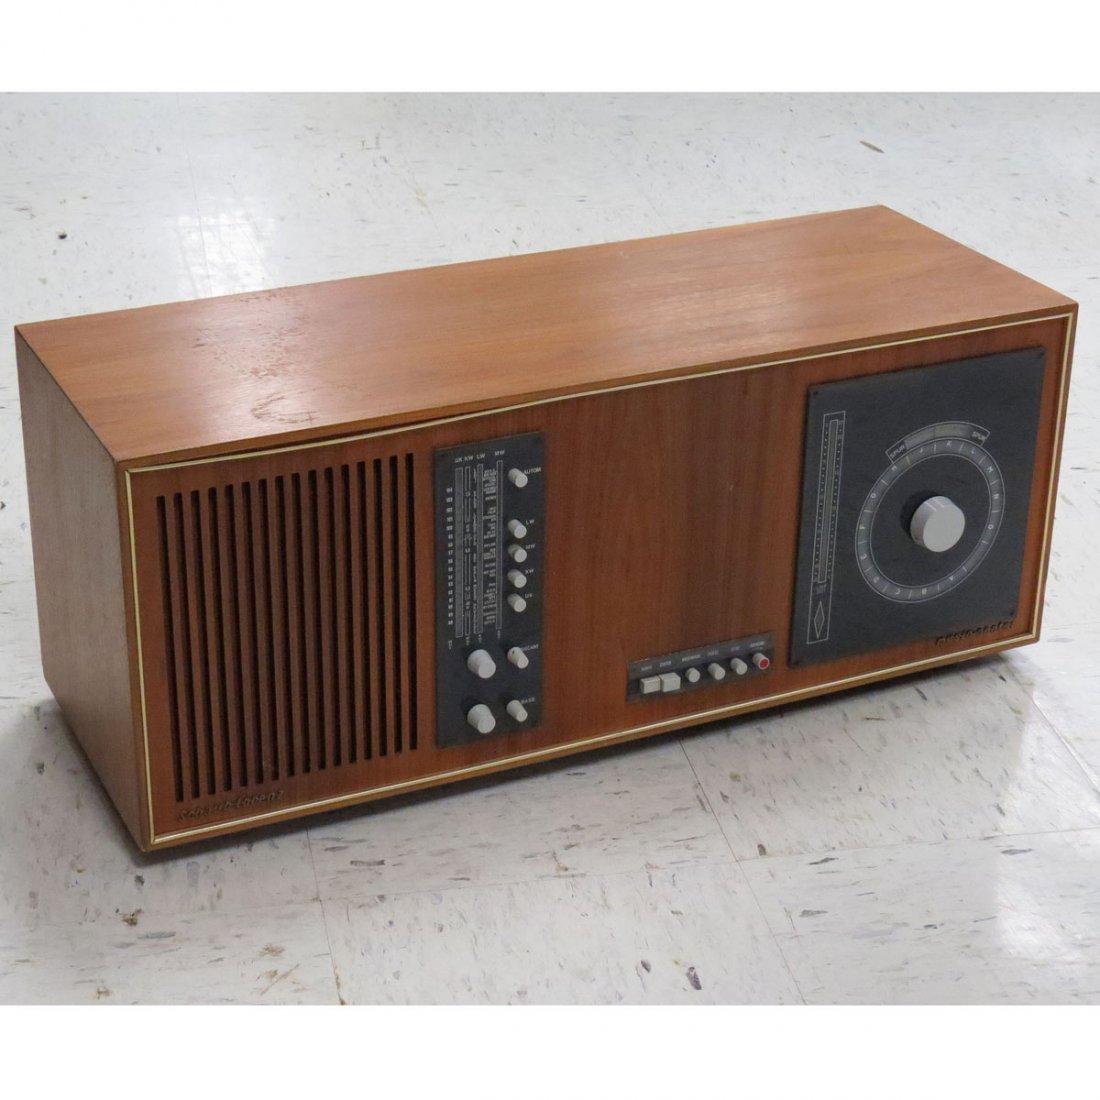 SCHAUB-LORENZ MODEL 5001 MUSIC CENTER AM/FM